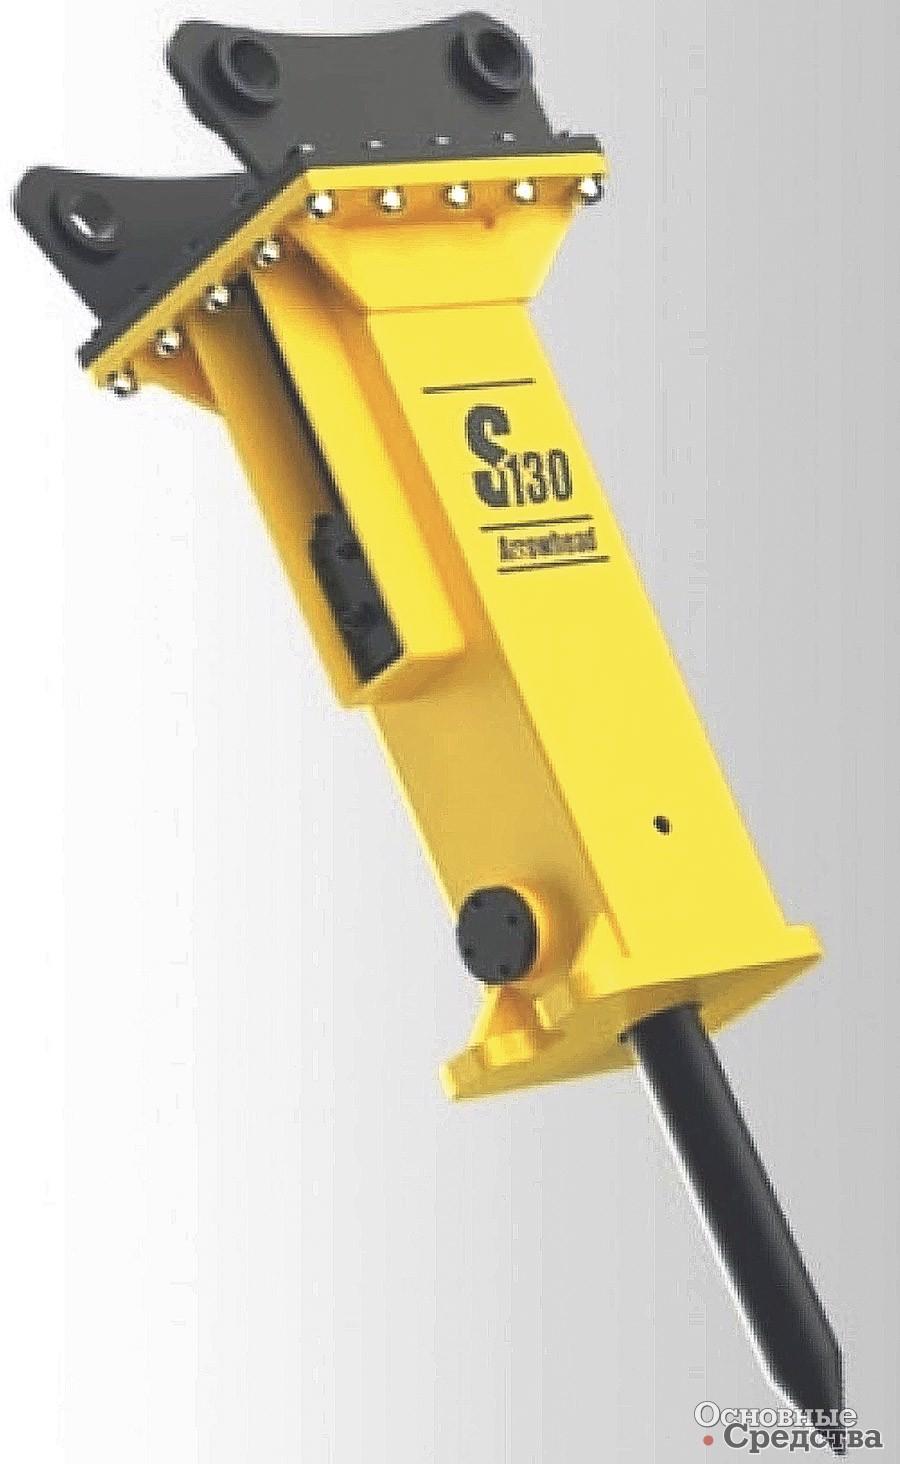 Гидромолот Arrowhead S130 рассчитан на работу с экскаваторами массой 11–15 т. Молот обеспечивает частоту до 900 уд./мин, а максимальная энергия удара – 1800 Дж